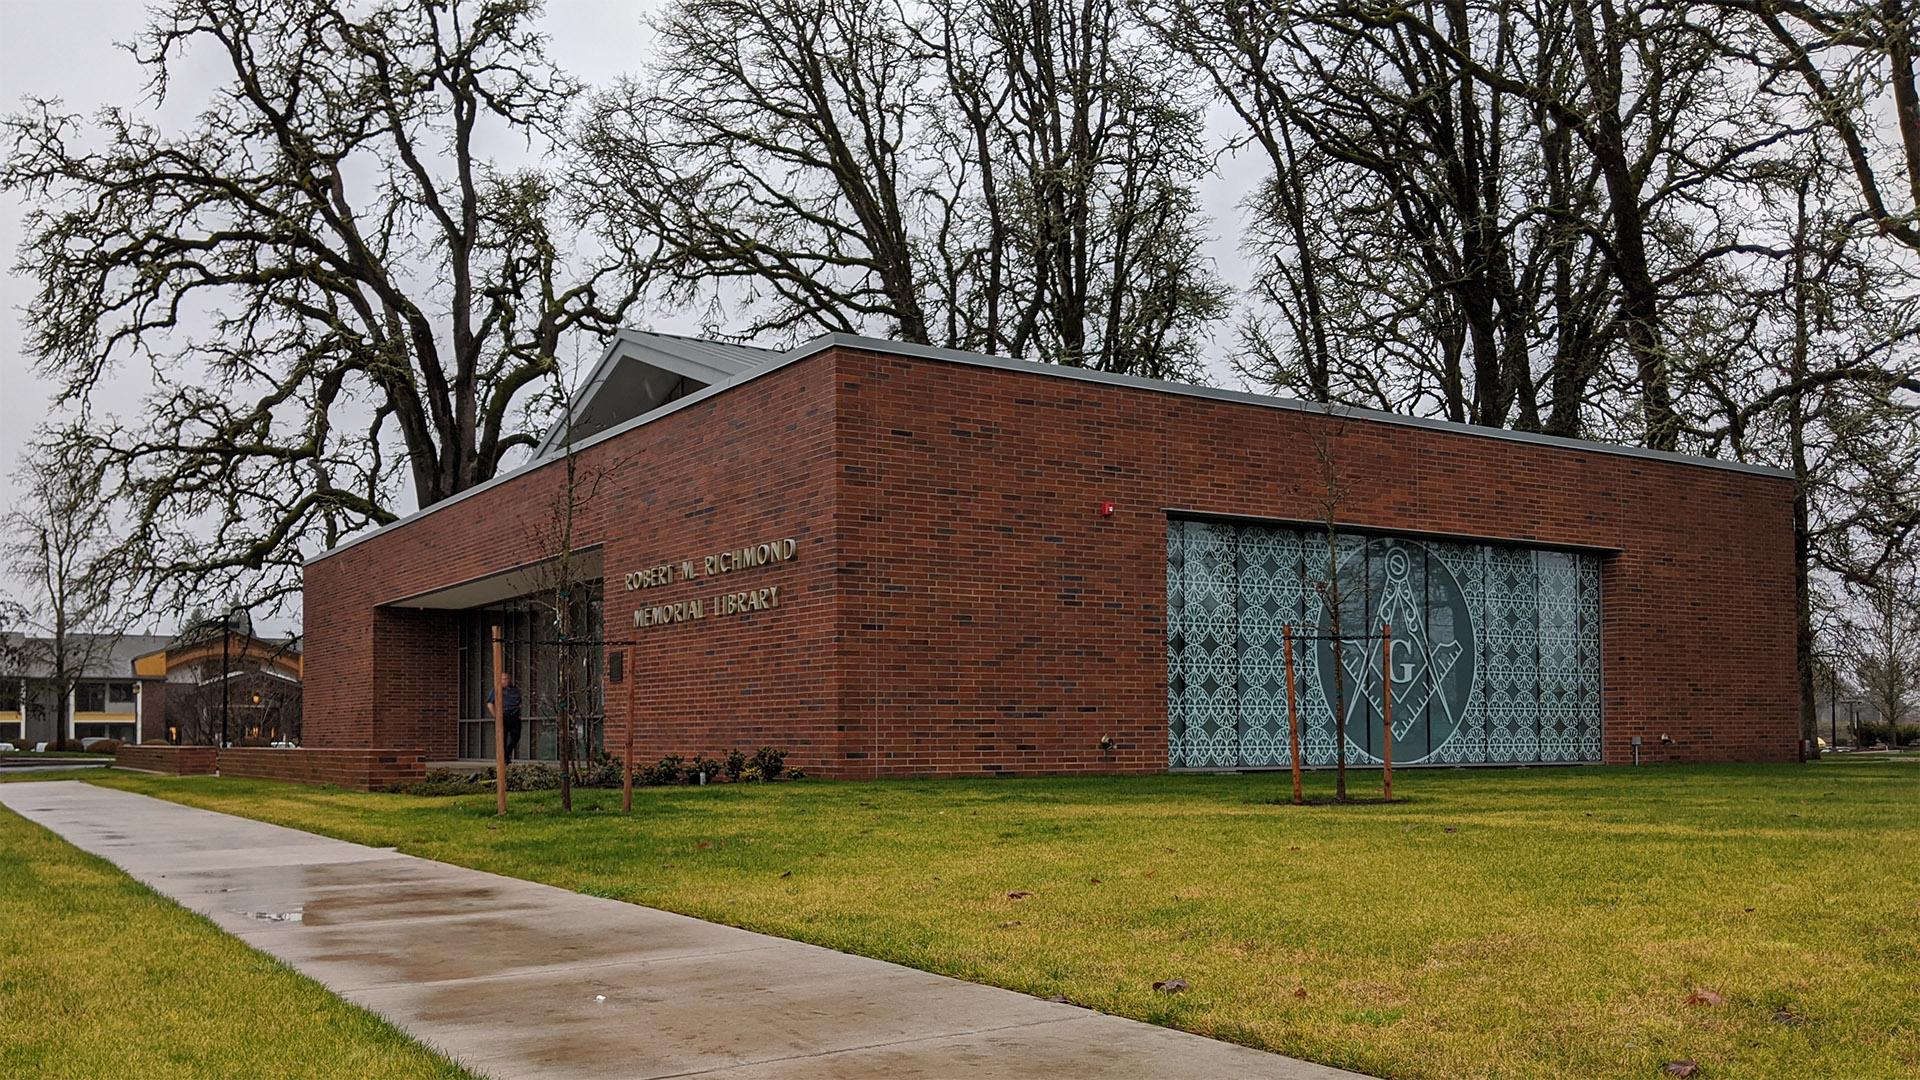 Robert M. Richmond Memorial Library